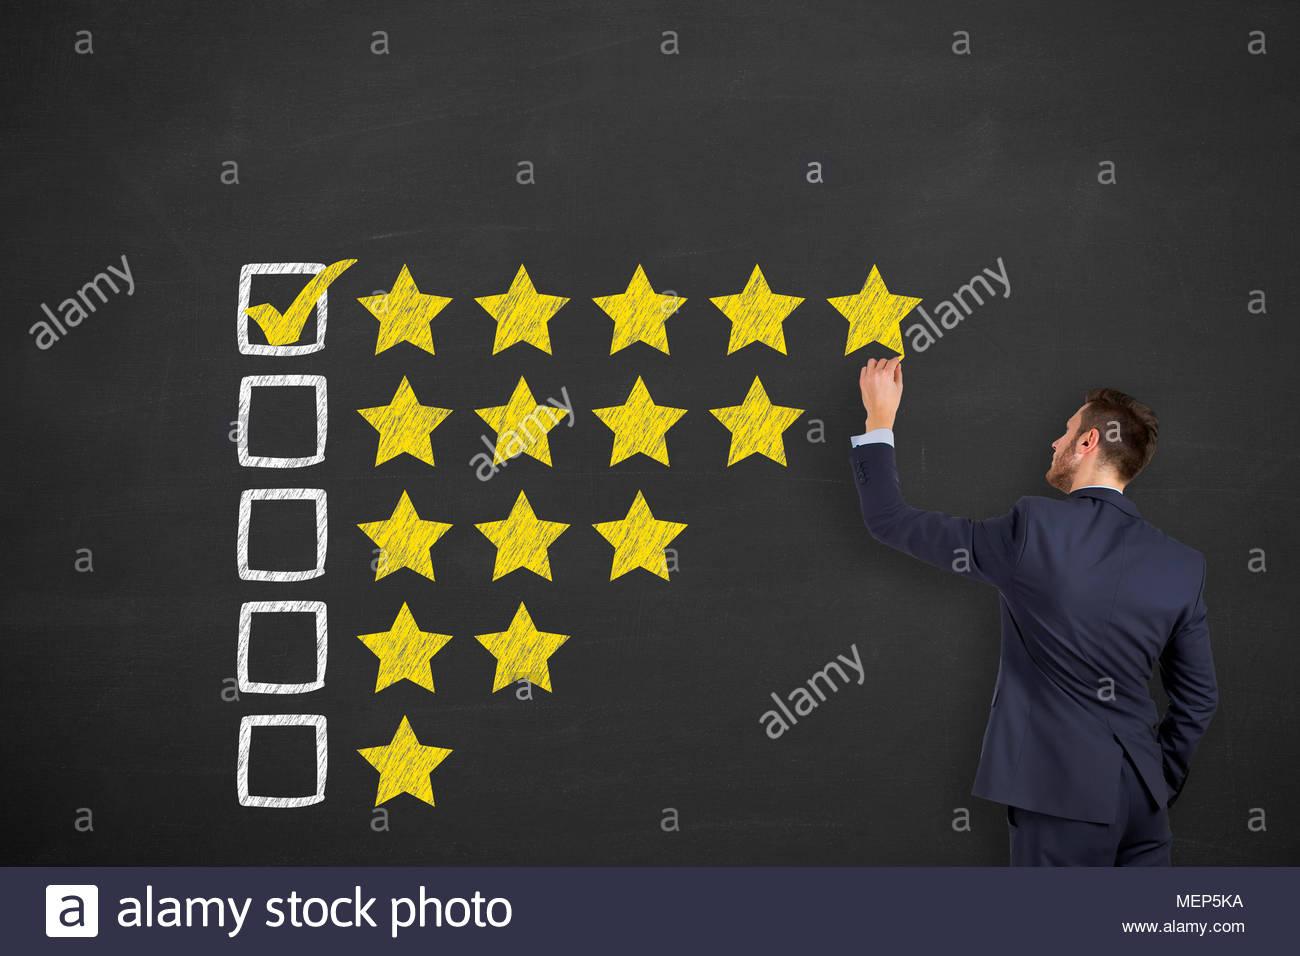 Satisfacción del cliente los conceptos sobre fondo de pizarra Imagen De Stock